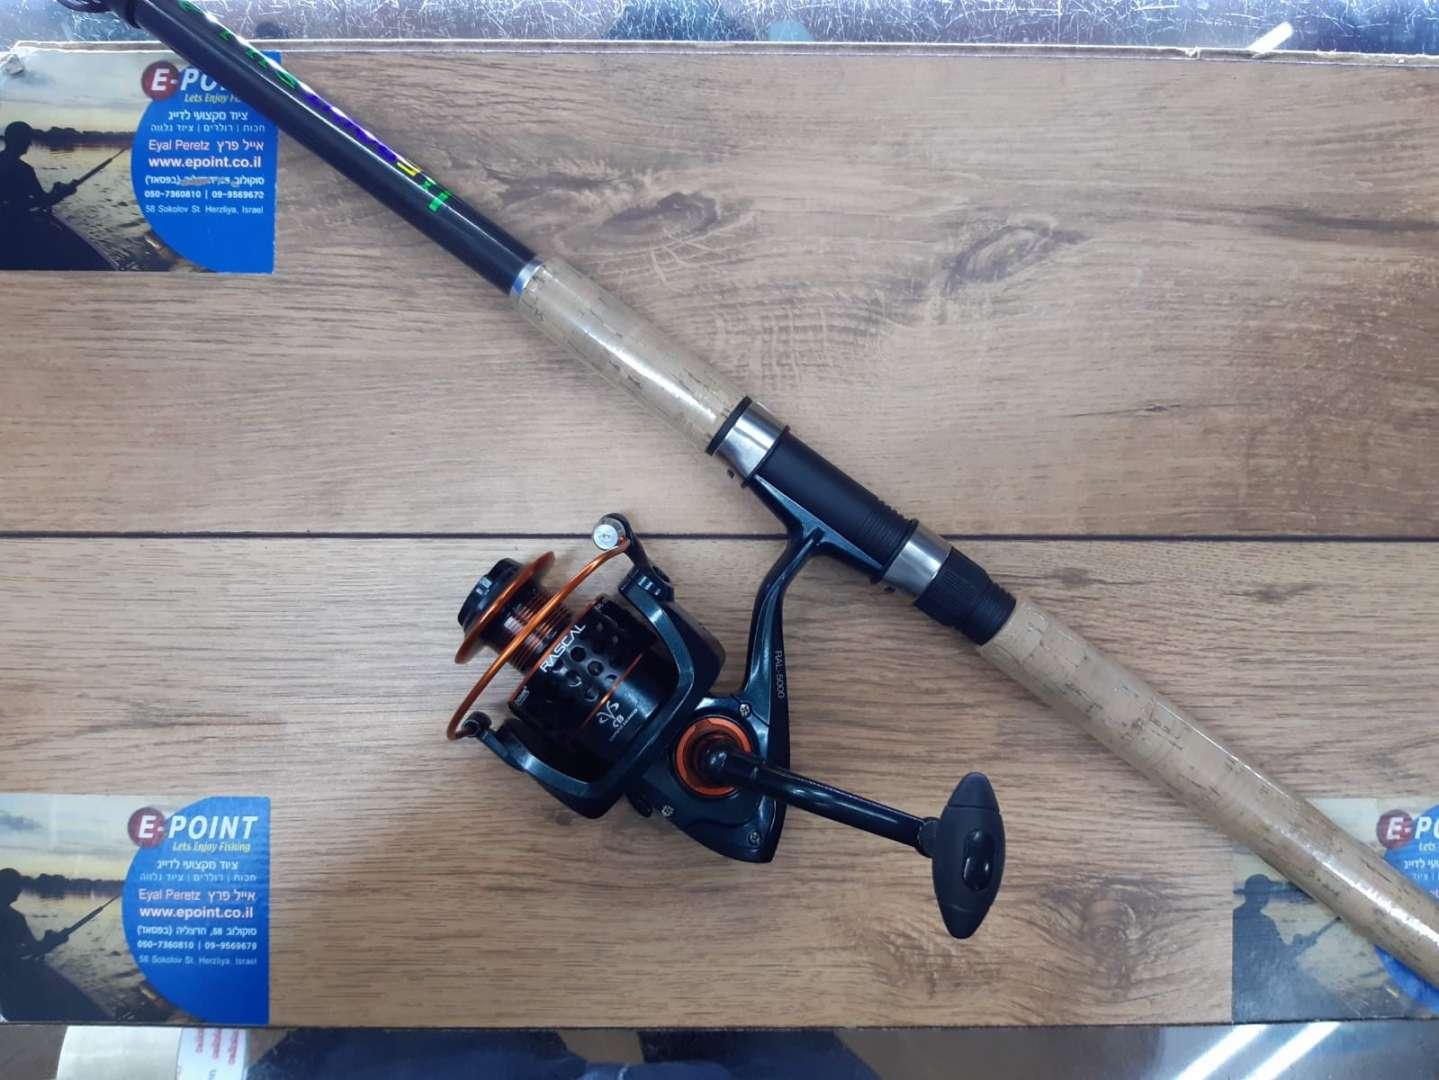 סט לדגים קטנים EPOINT SILLAGO pioner rascal